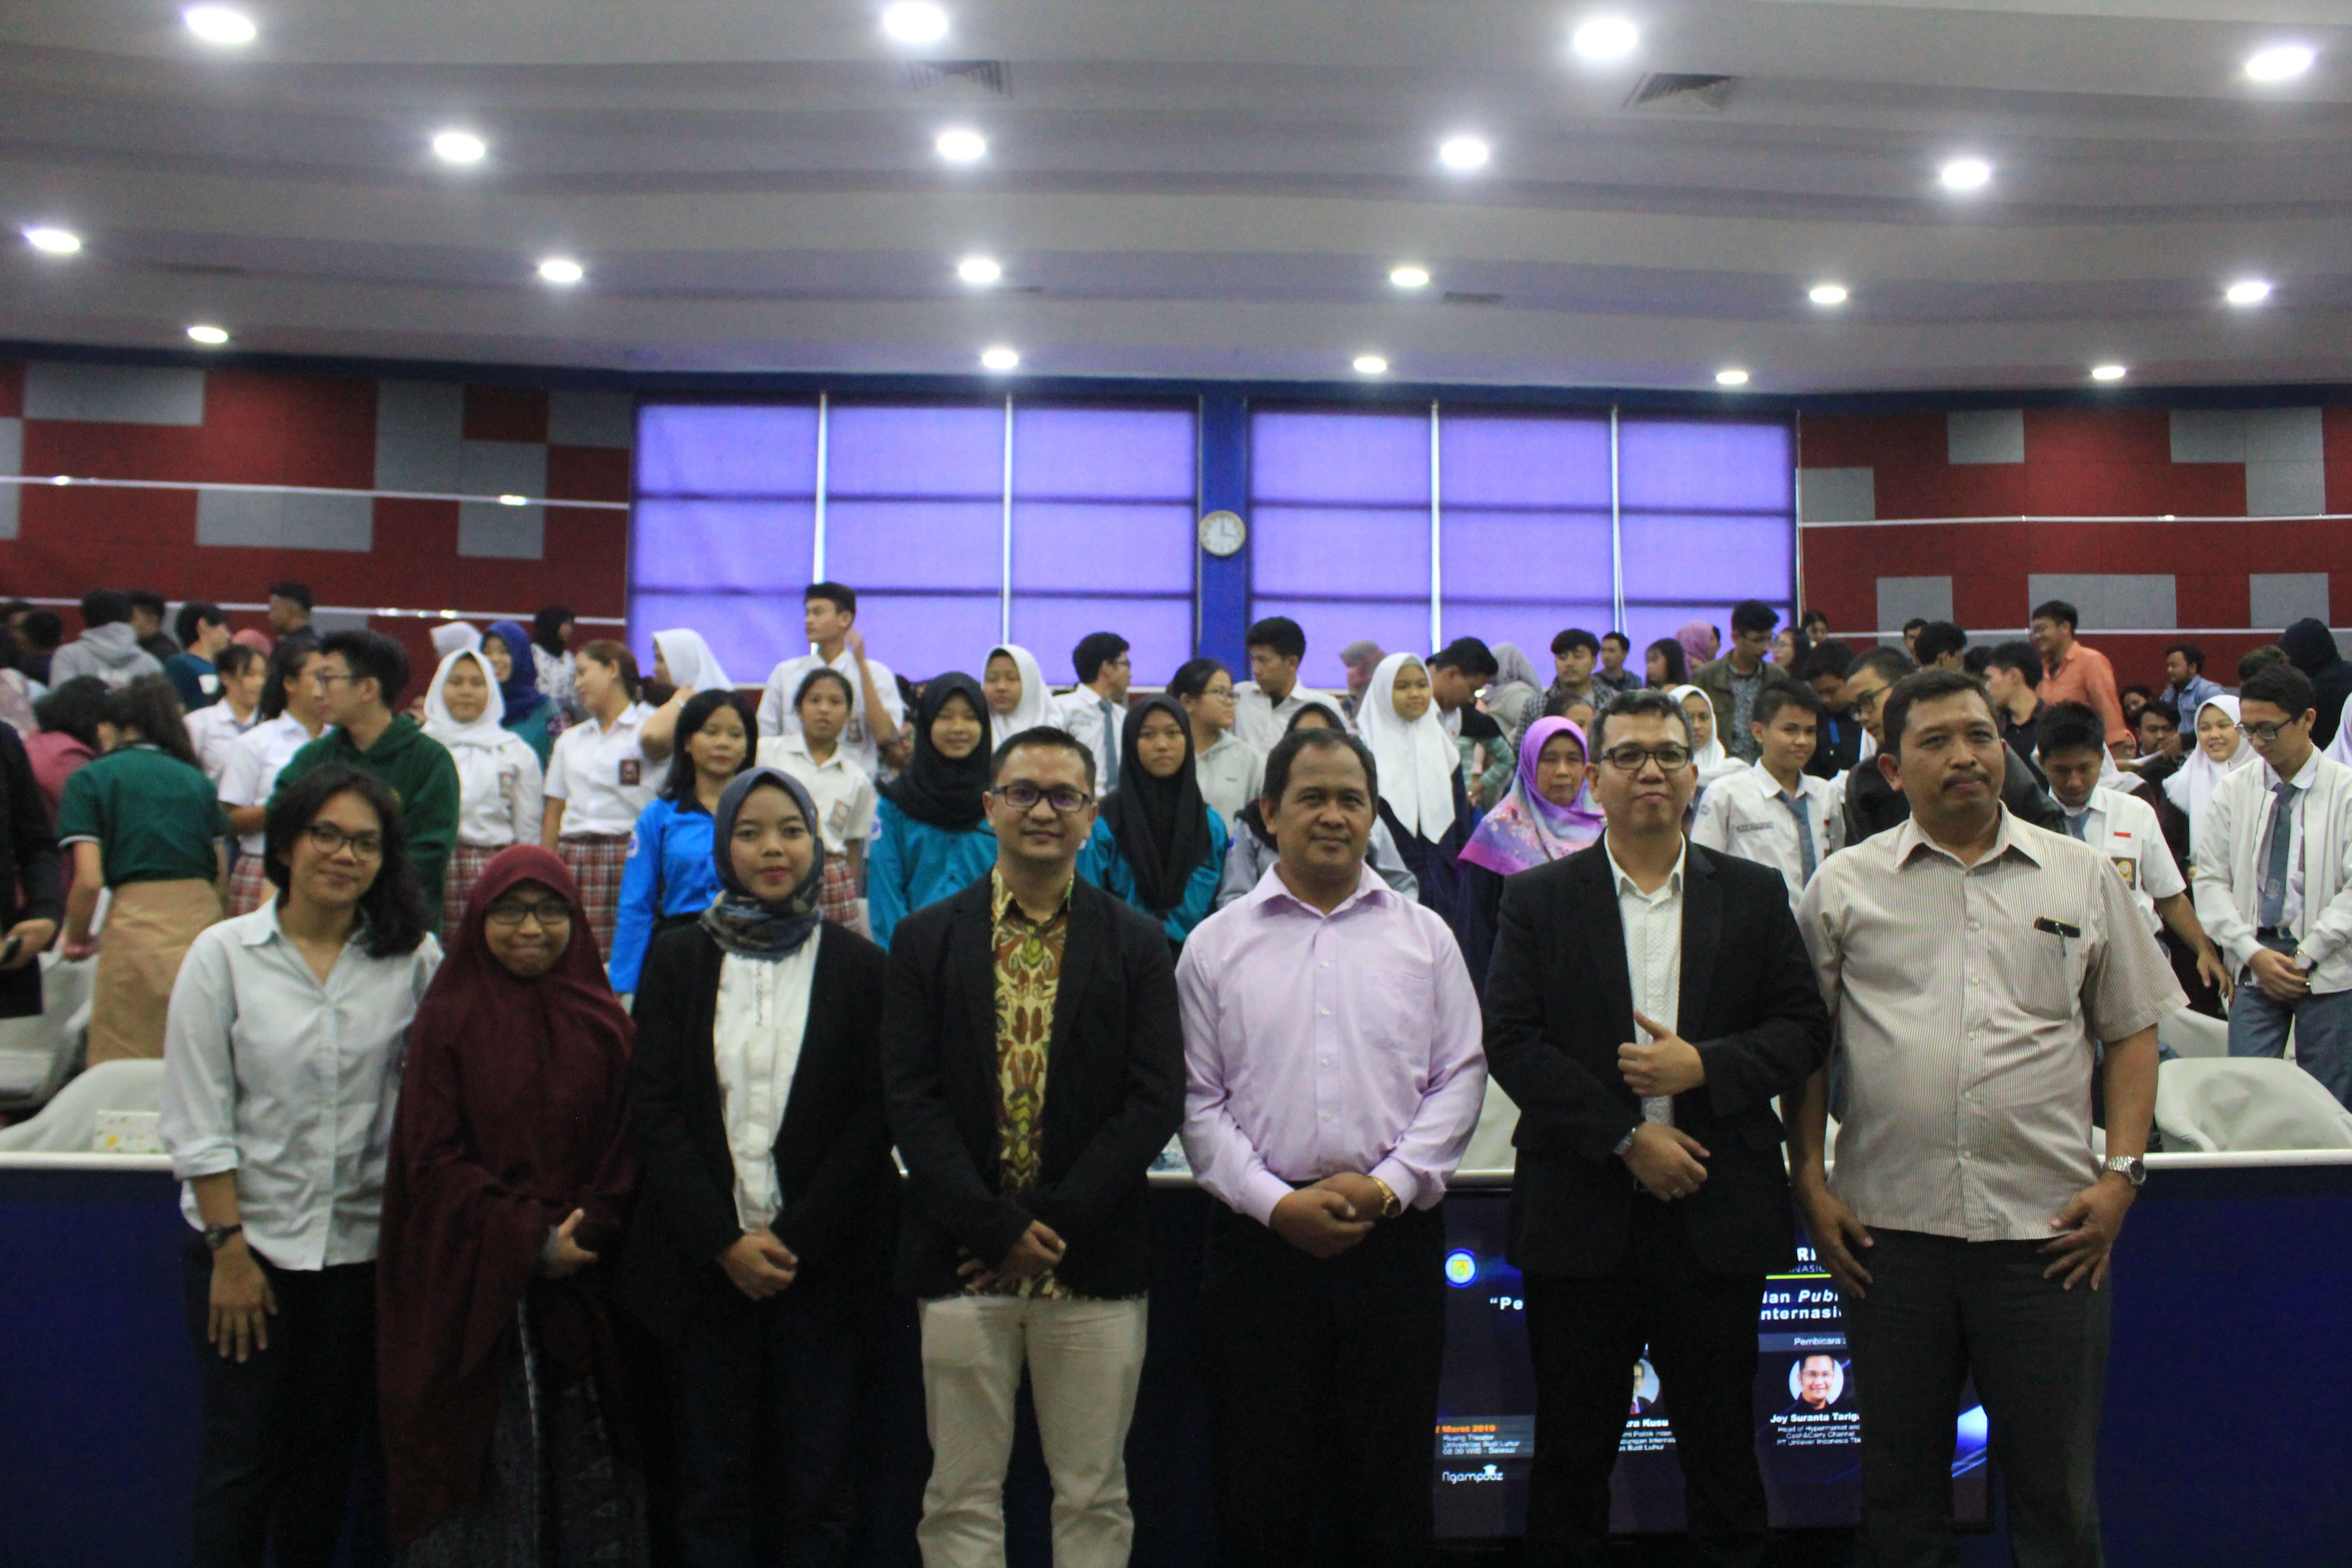 """FISIP Seminar Series Prodi Hubungan Internasional: """"Perusahaan Multinational dan Public Speaking dalam Politik Bisnis Internasional"""""""